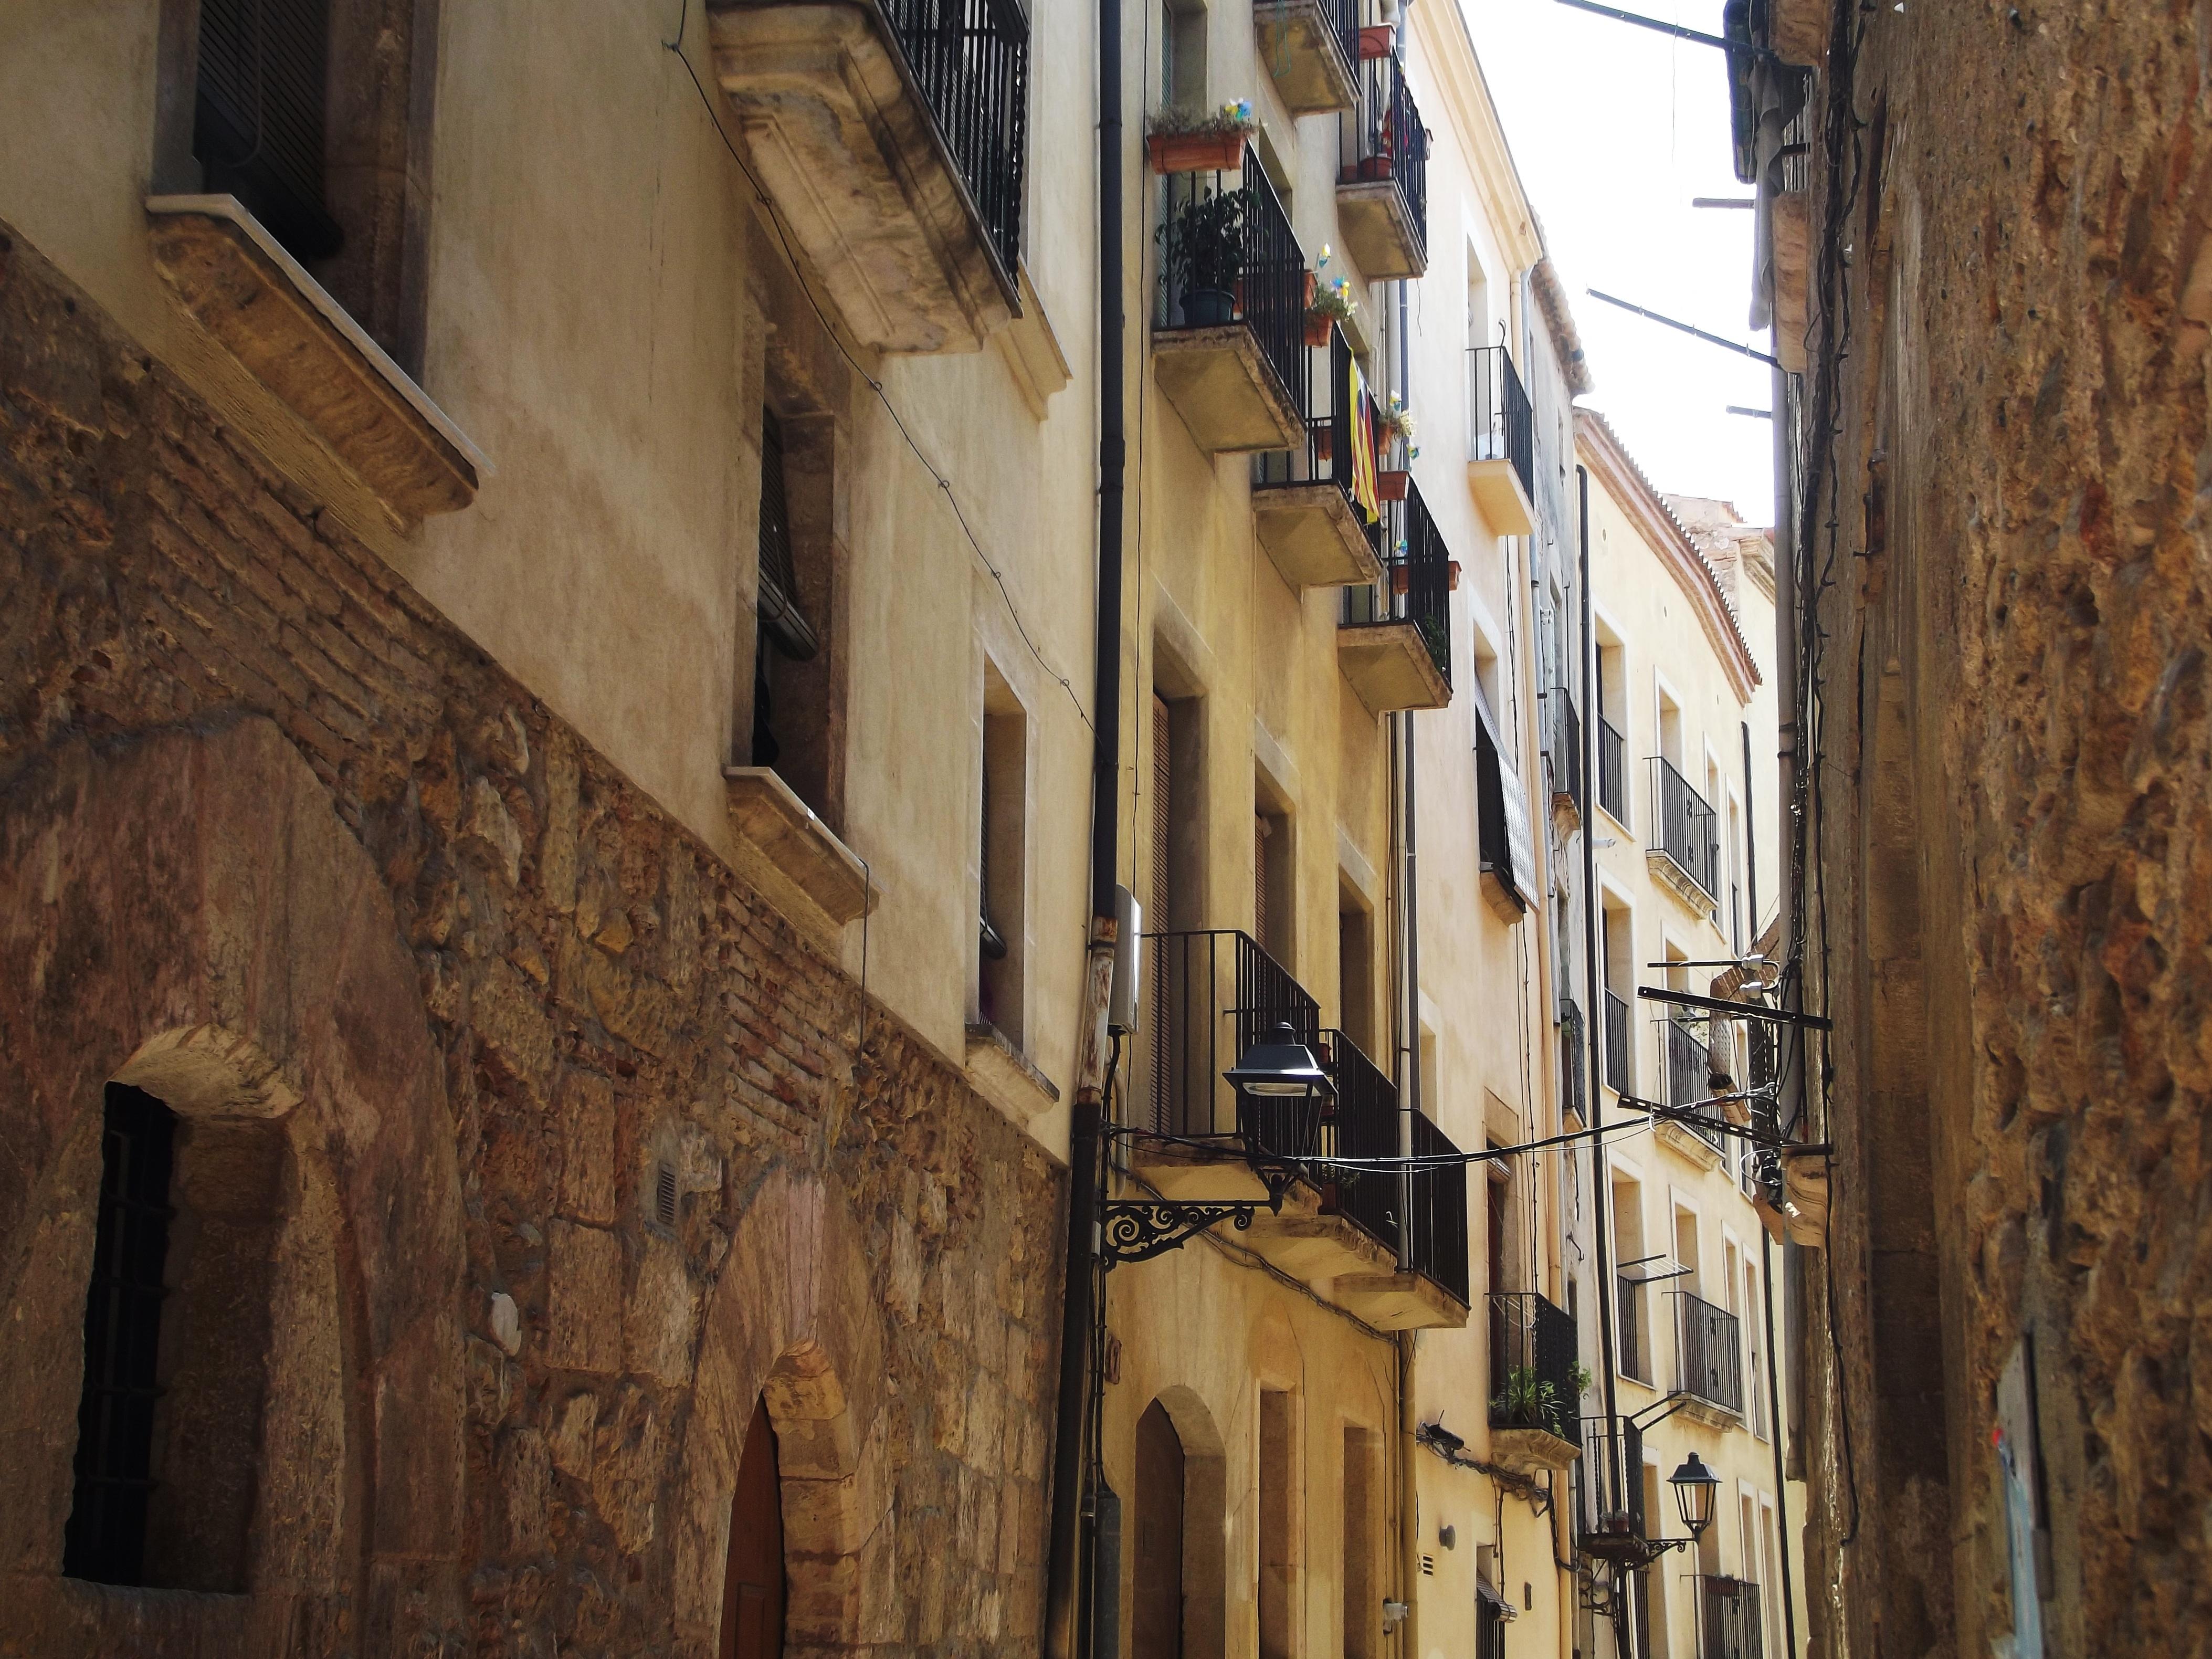 Fotos gratis arquitectura madera la carretera calle - Casas gratis en pueblos de espana ...